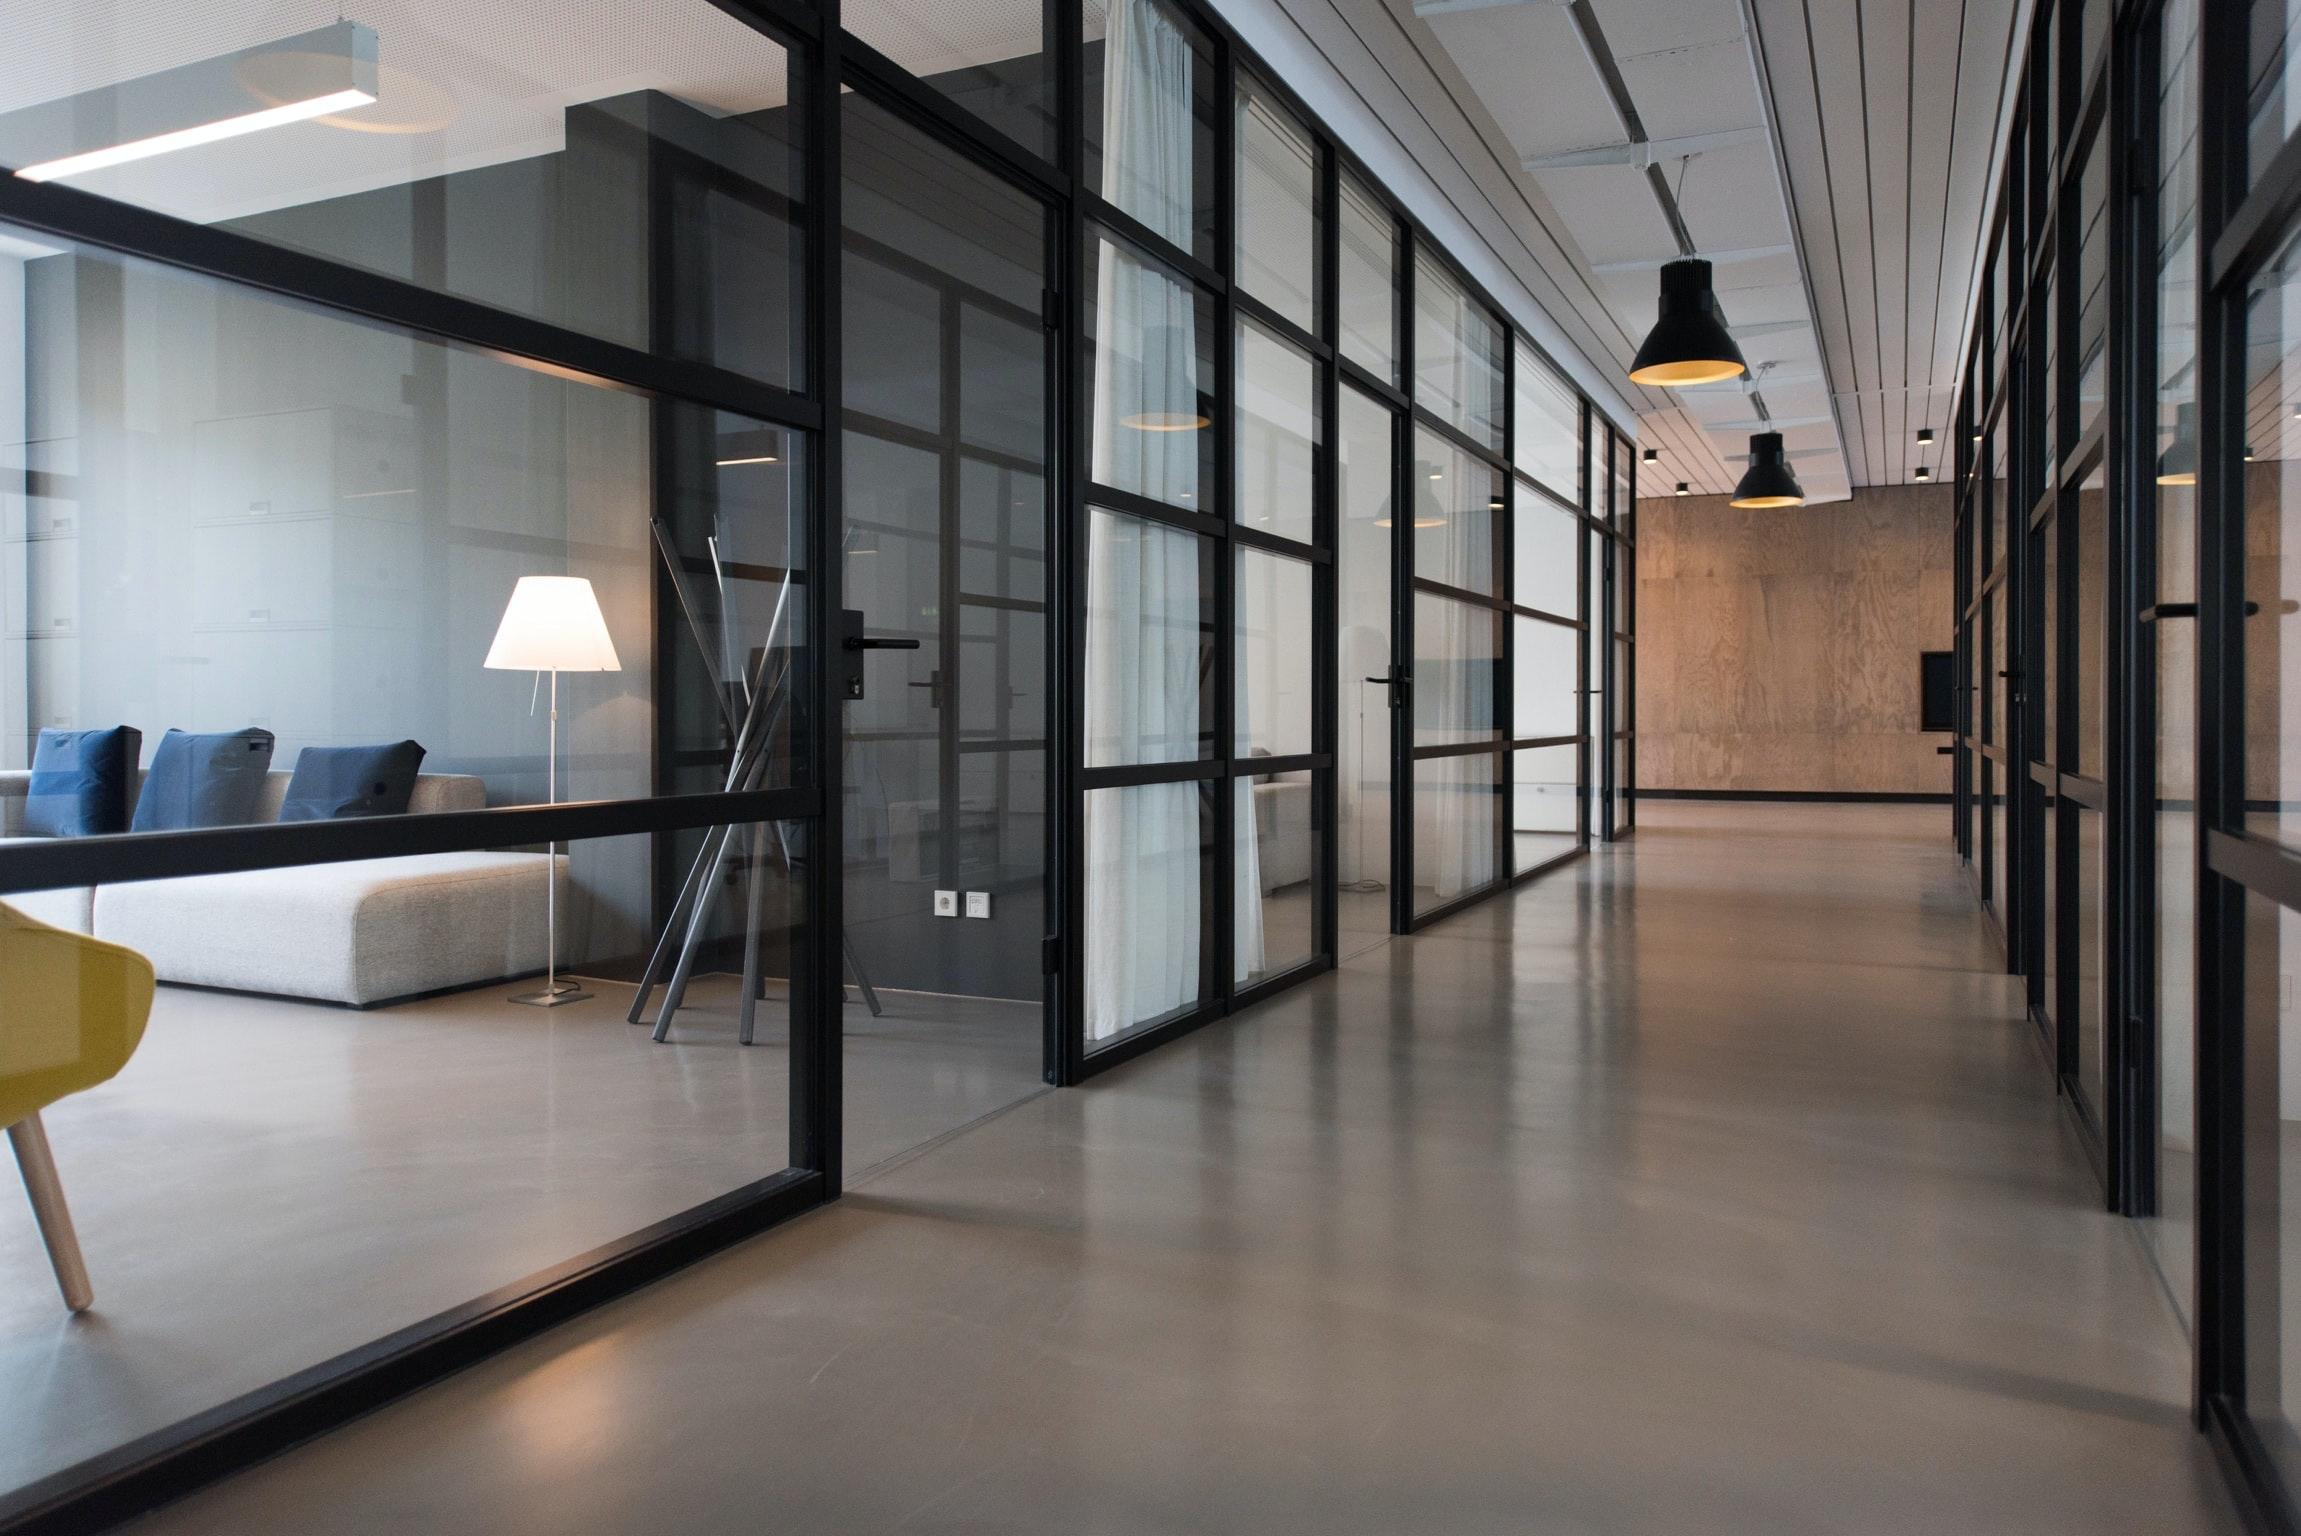 bureau office workspace